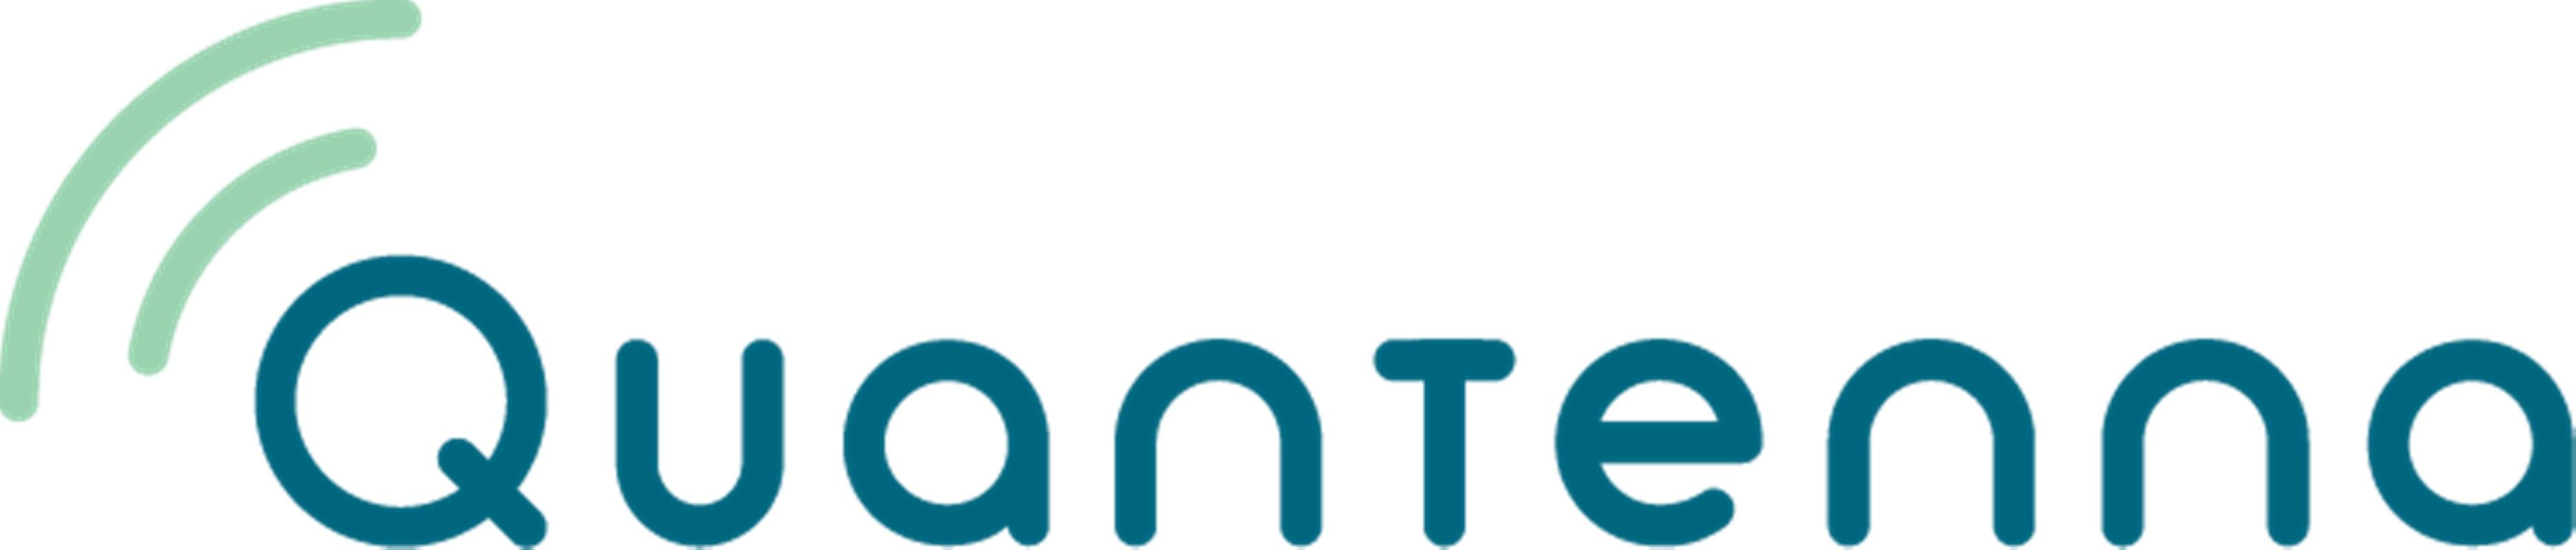 QTNA logo